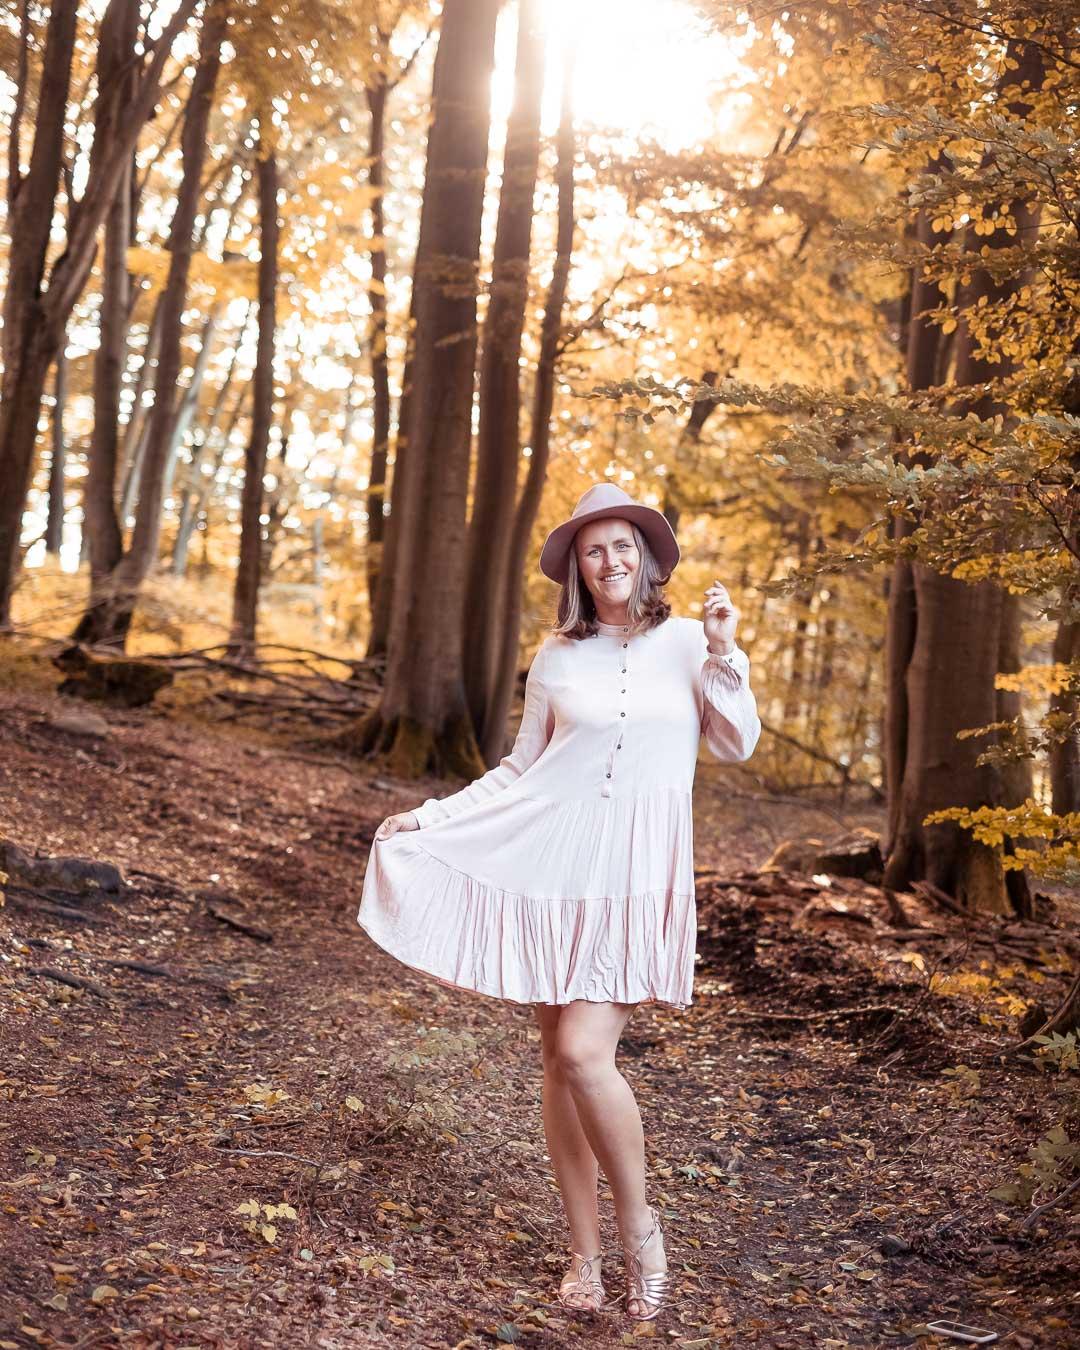 Herbstwald Instagram Fotoidee